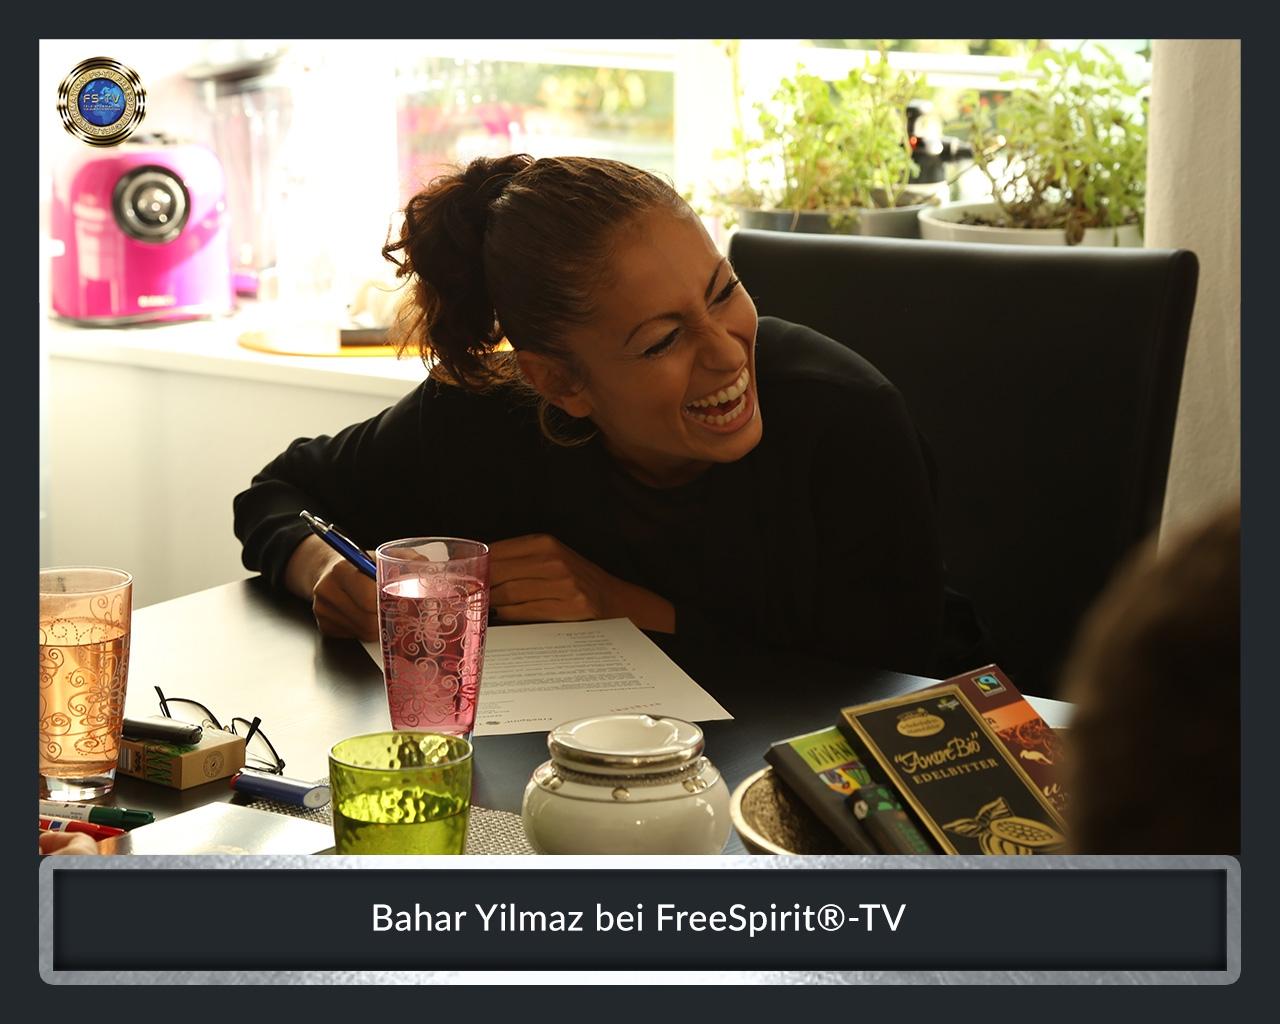 FS-TV-Bildergallerie-Bahar